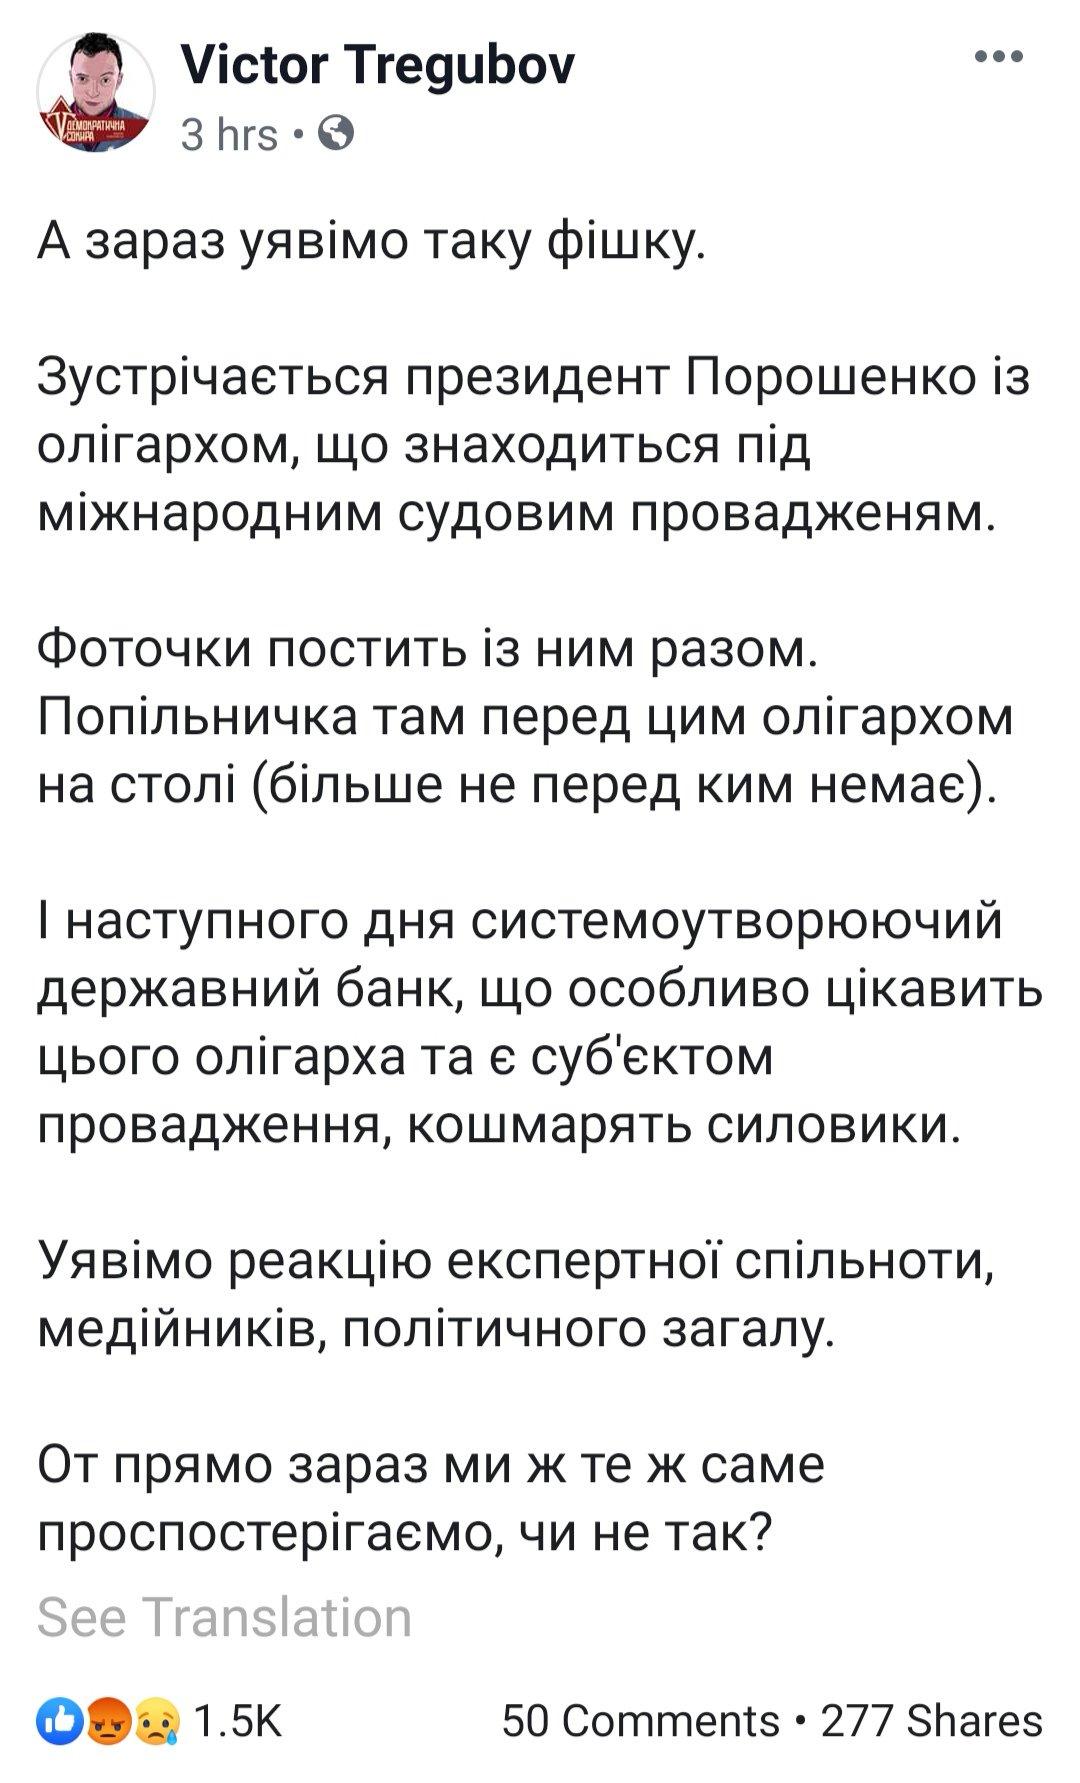 """Расцениваем вчерашние обыски как попытки давления и дискредитацию банка, - глава """"ПриватБанка"""" Крумханзл - Цензор.НЕТ 1049"""